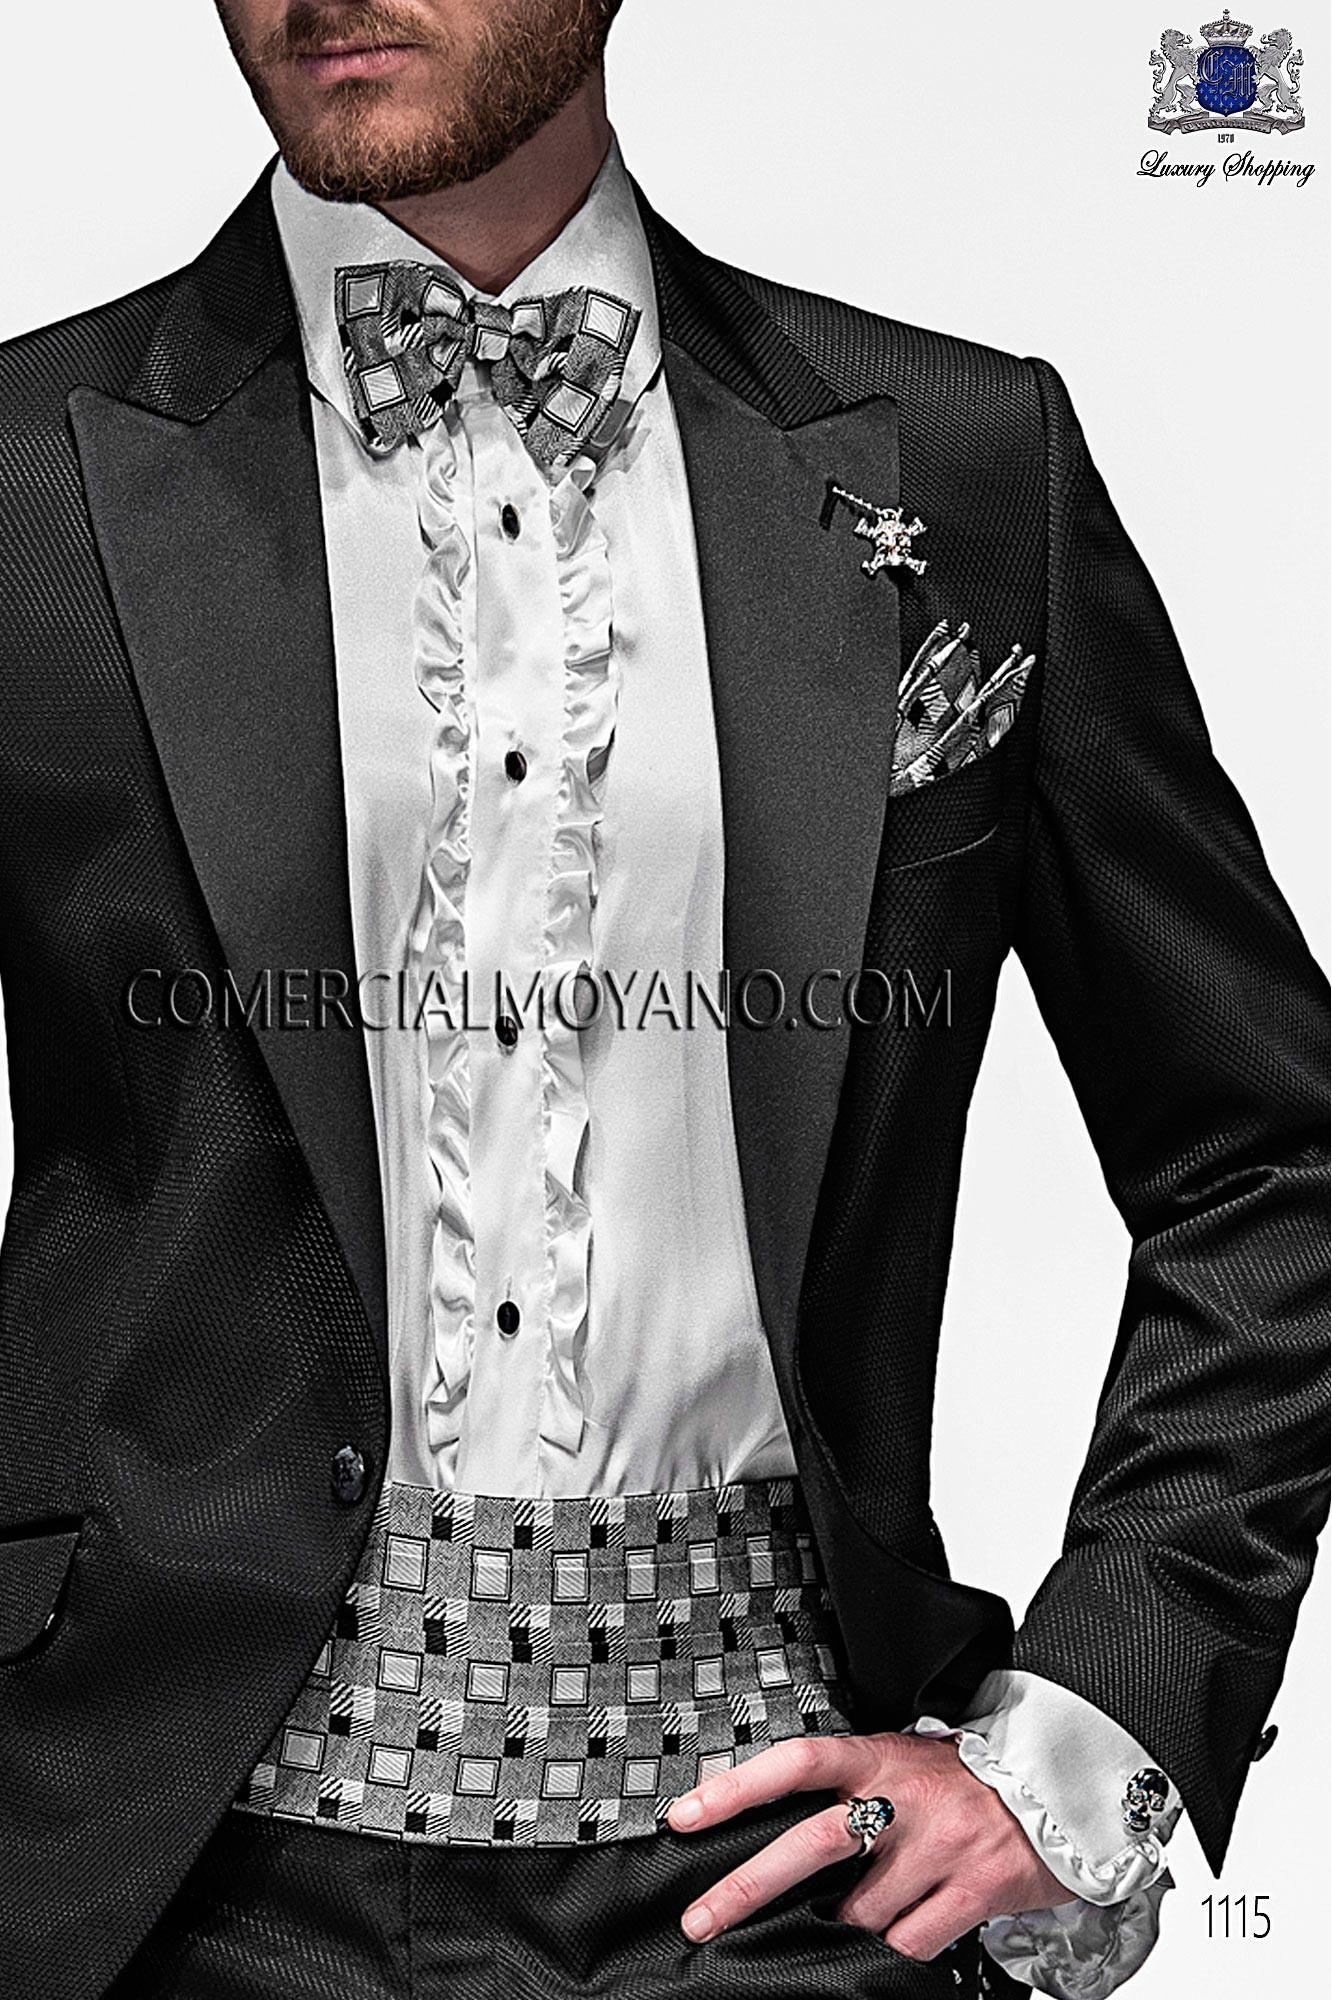 Traje Emotion de novio negro modelo: 1115  Ottavio Nuccio Gala colección Emotion